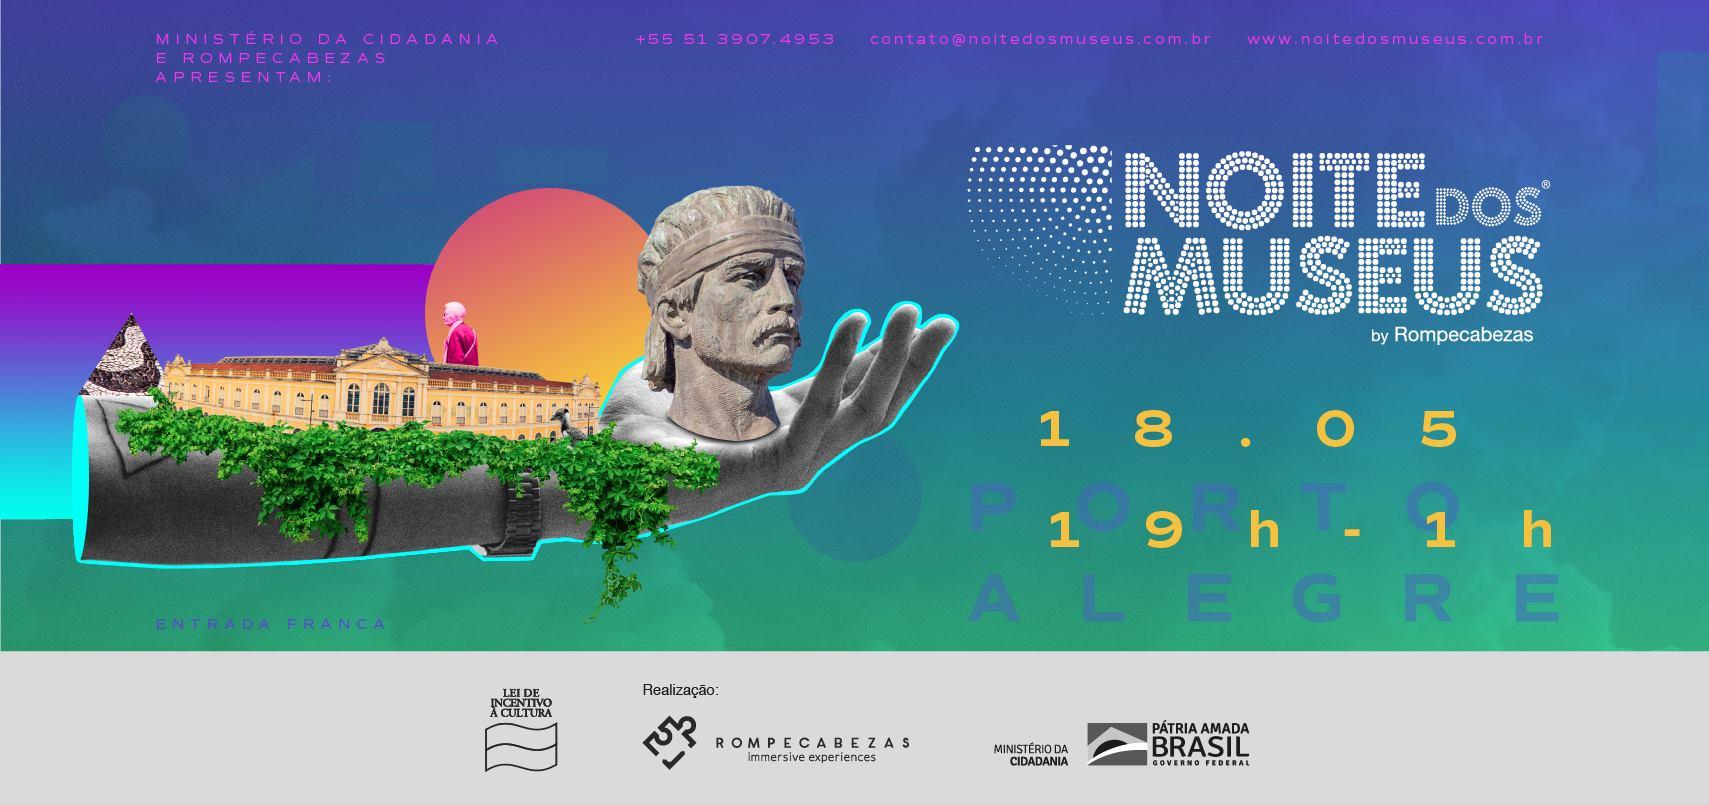 4º EDIÇÃO DA NOITE DOS MUSEUS